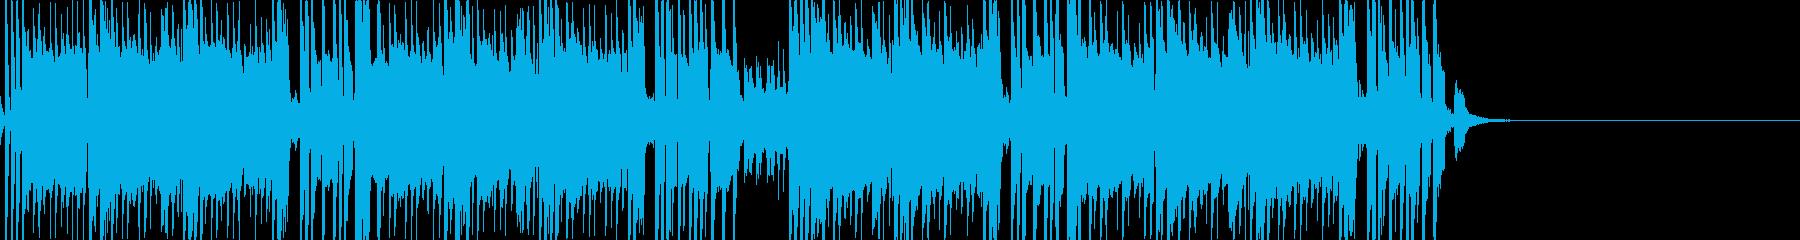 暗めの雰囲気の和風Trap-短縮版-の再生済みの波形